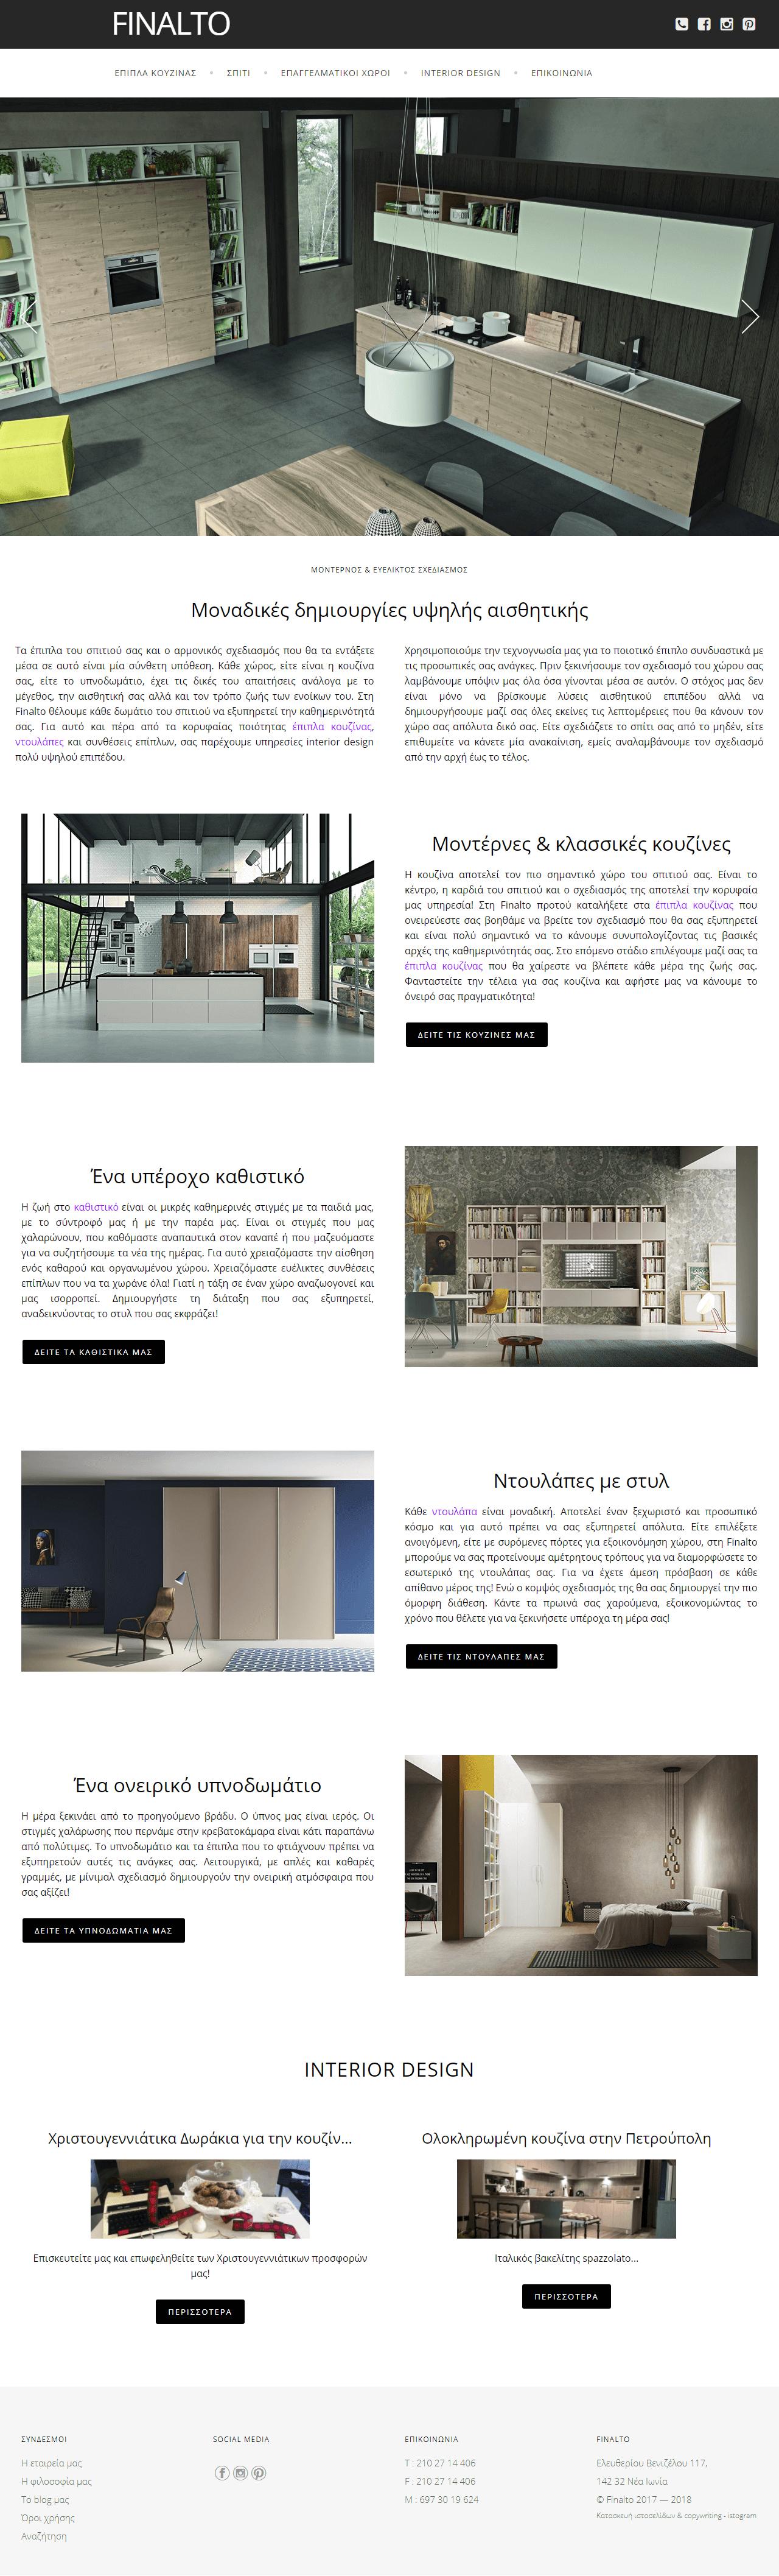 finalto_gr_website